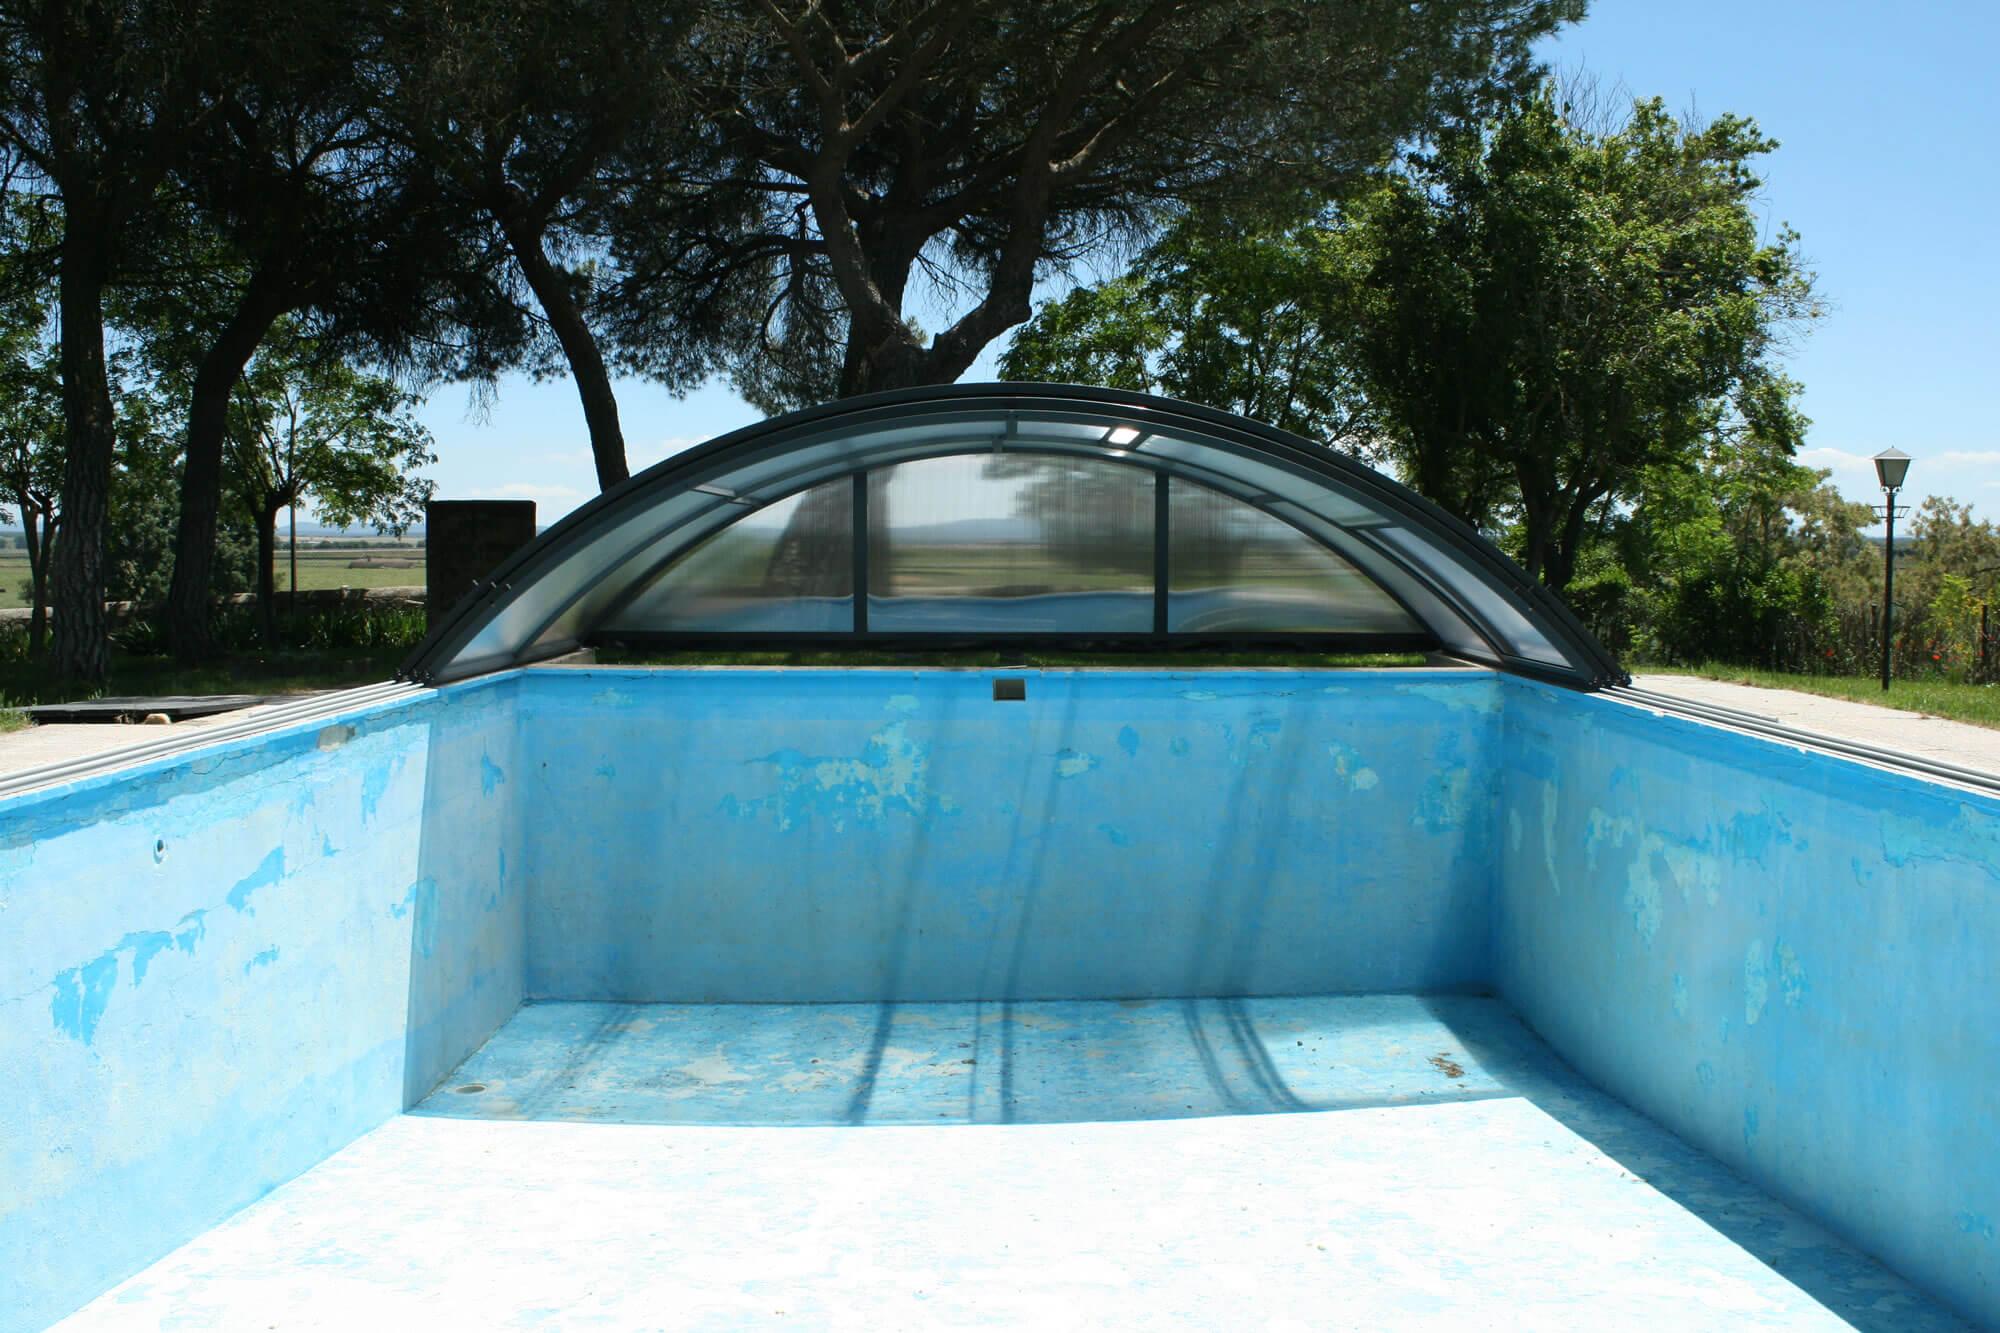 Cubierta Teide Plus con carriles: Cubierta baja y telescópica con railes en Valladolid abierta